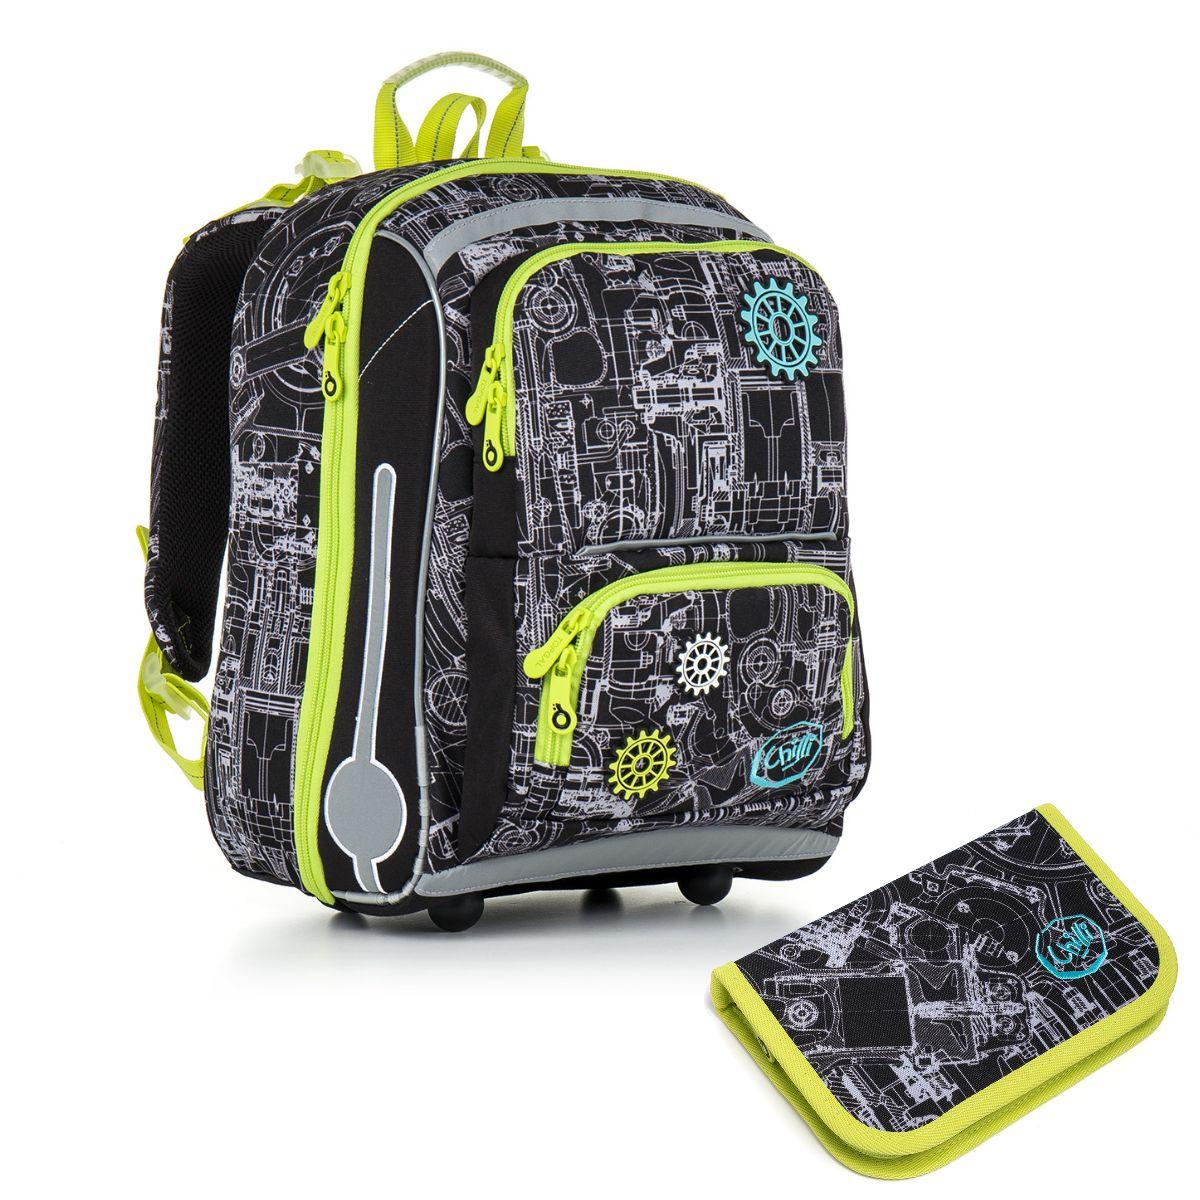 Topgal Topgal školní batoh pro prvňáčky sada pro školáka CHI 785 A SET SMALL